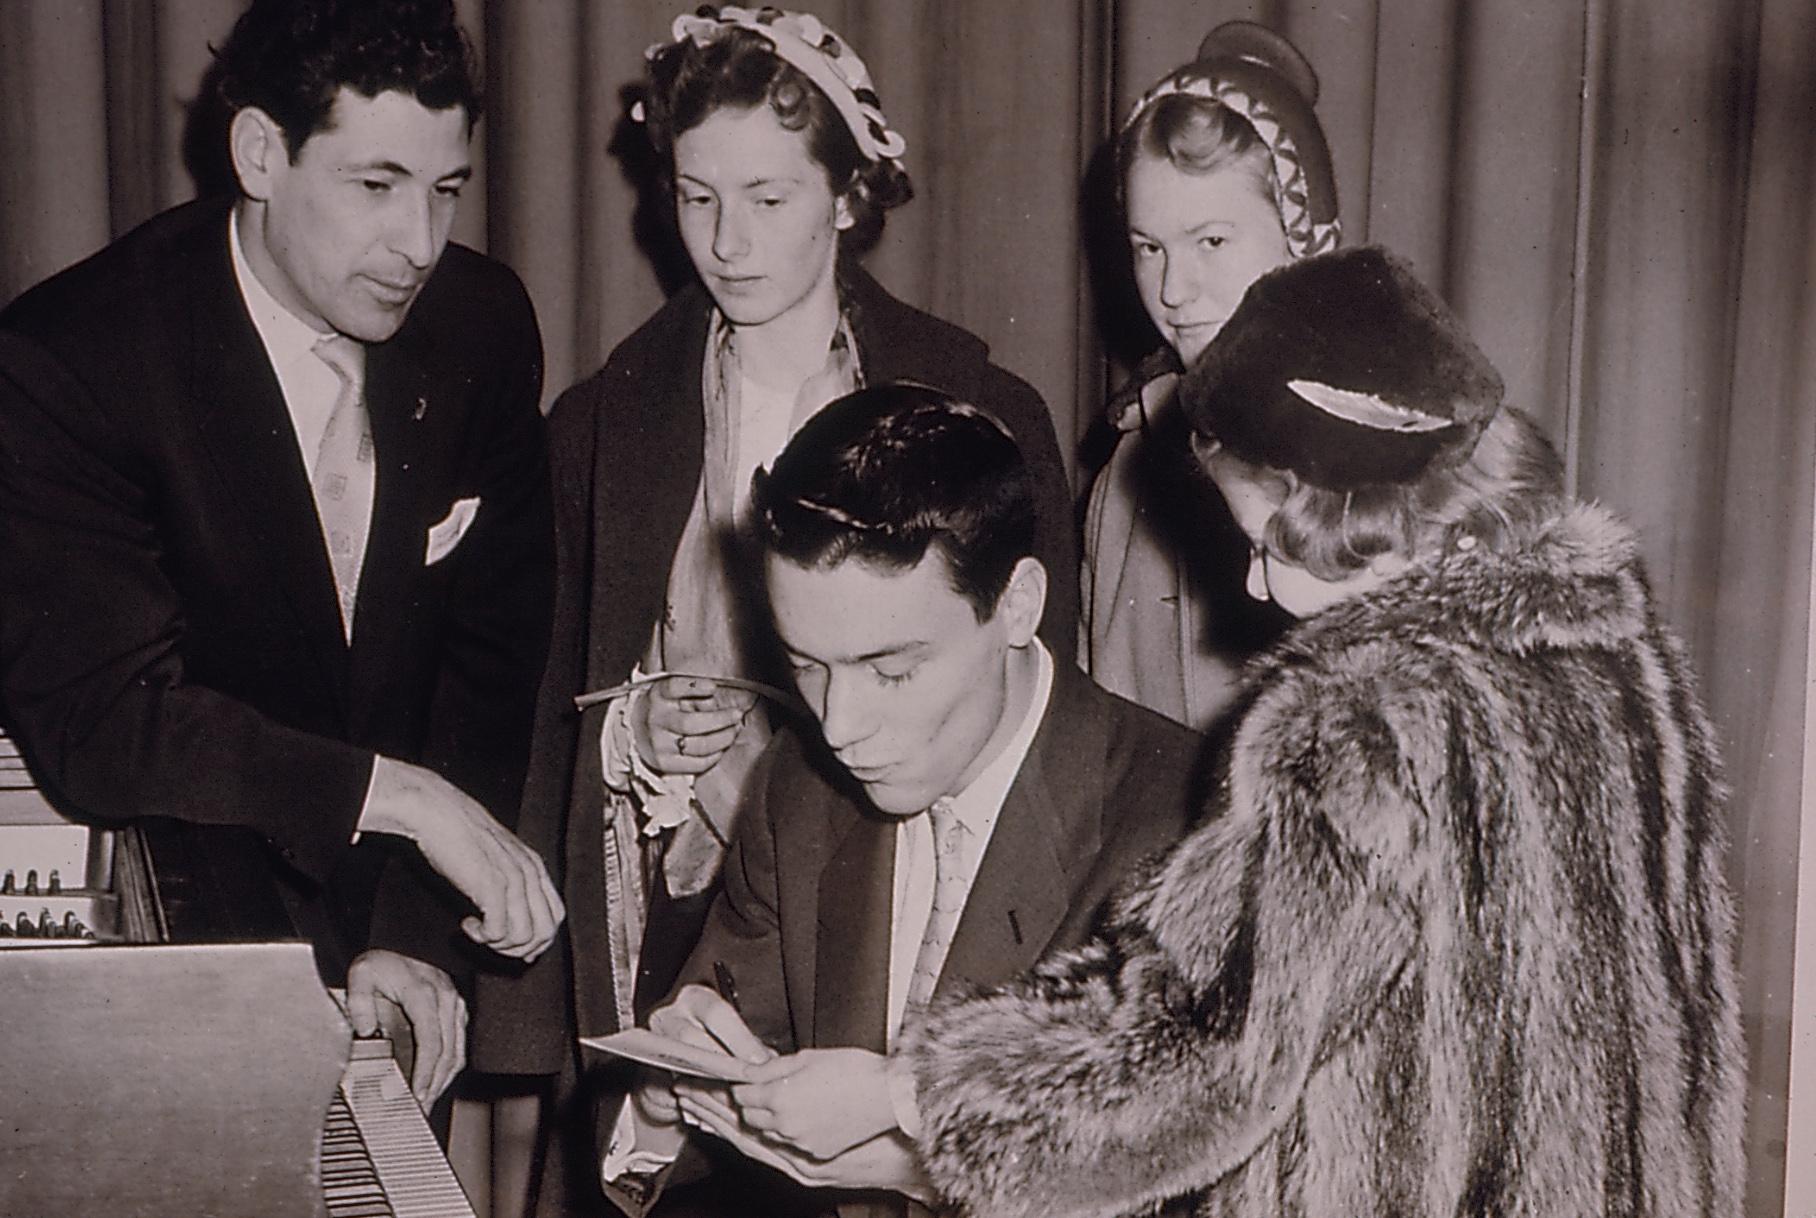 Un pianiste donne des autographes à de jeunes fans avec Gilles Lefebvre en 1950.  Fonds Centre d'arts Orford. La Société d'histoire de Magog